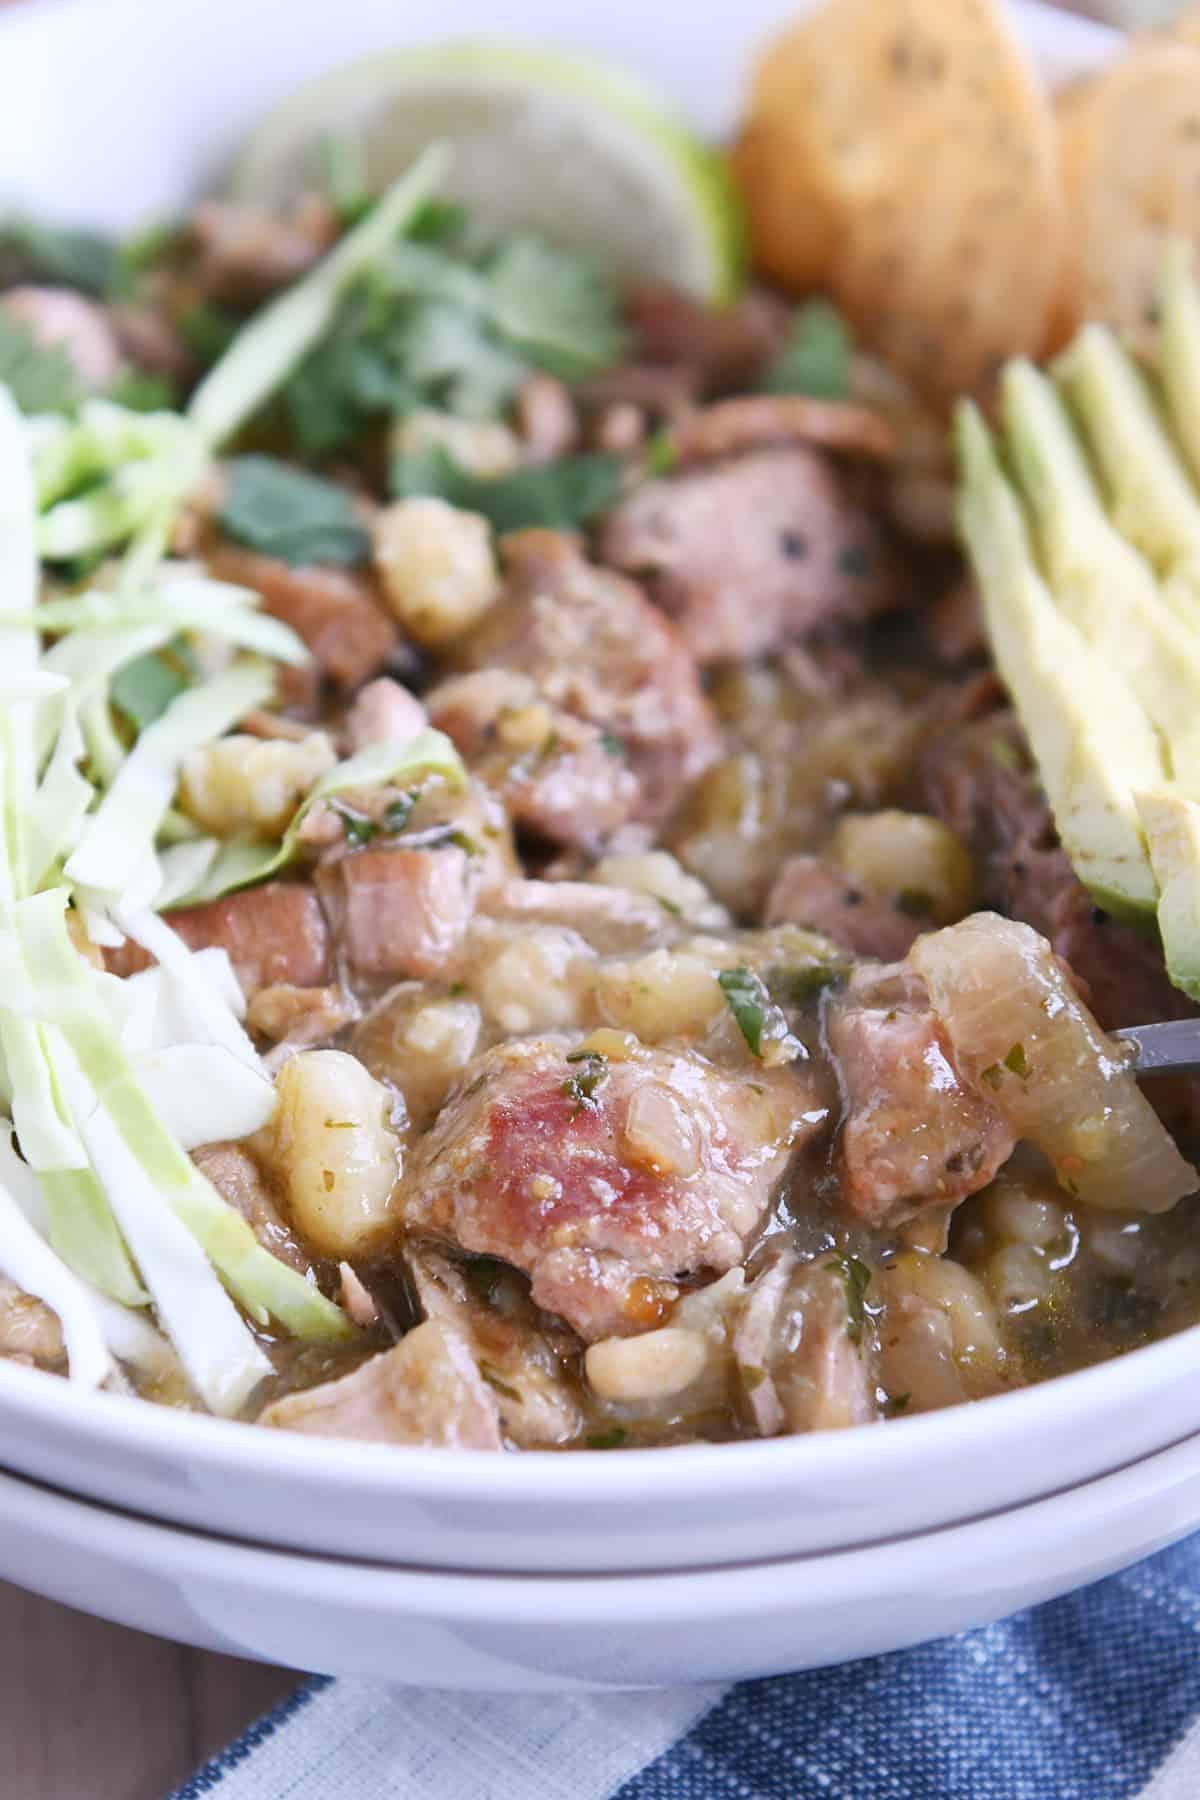 seasoned pork, hominy, broth, cabbage, avocado in white bowl